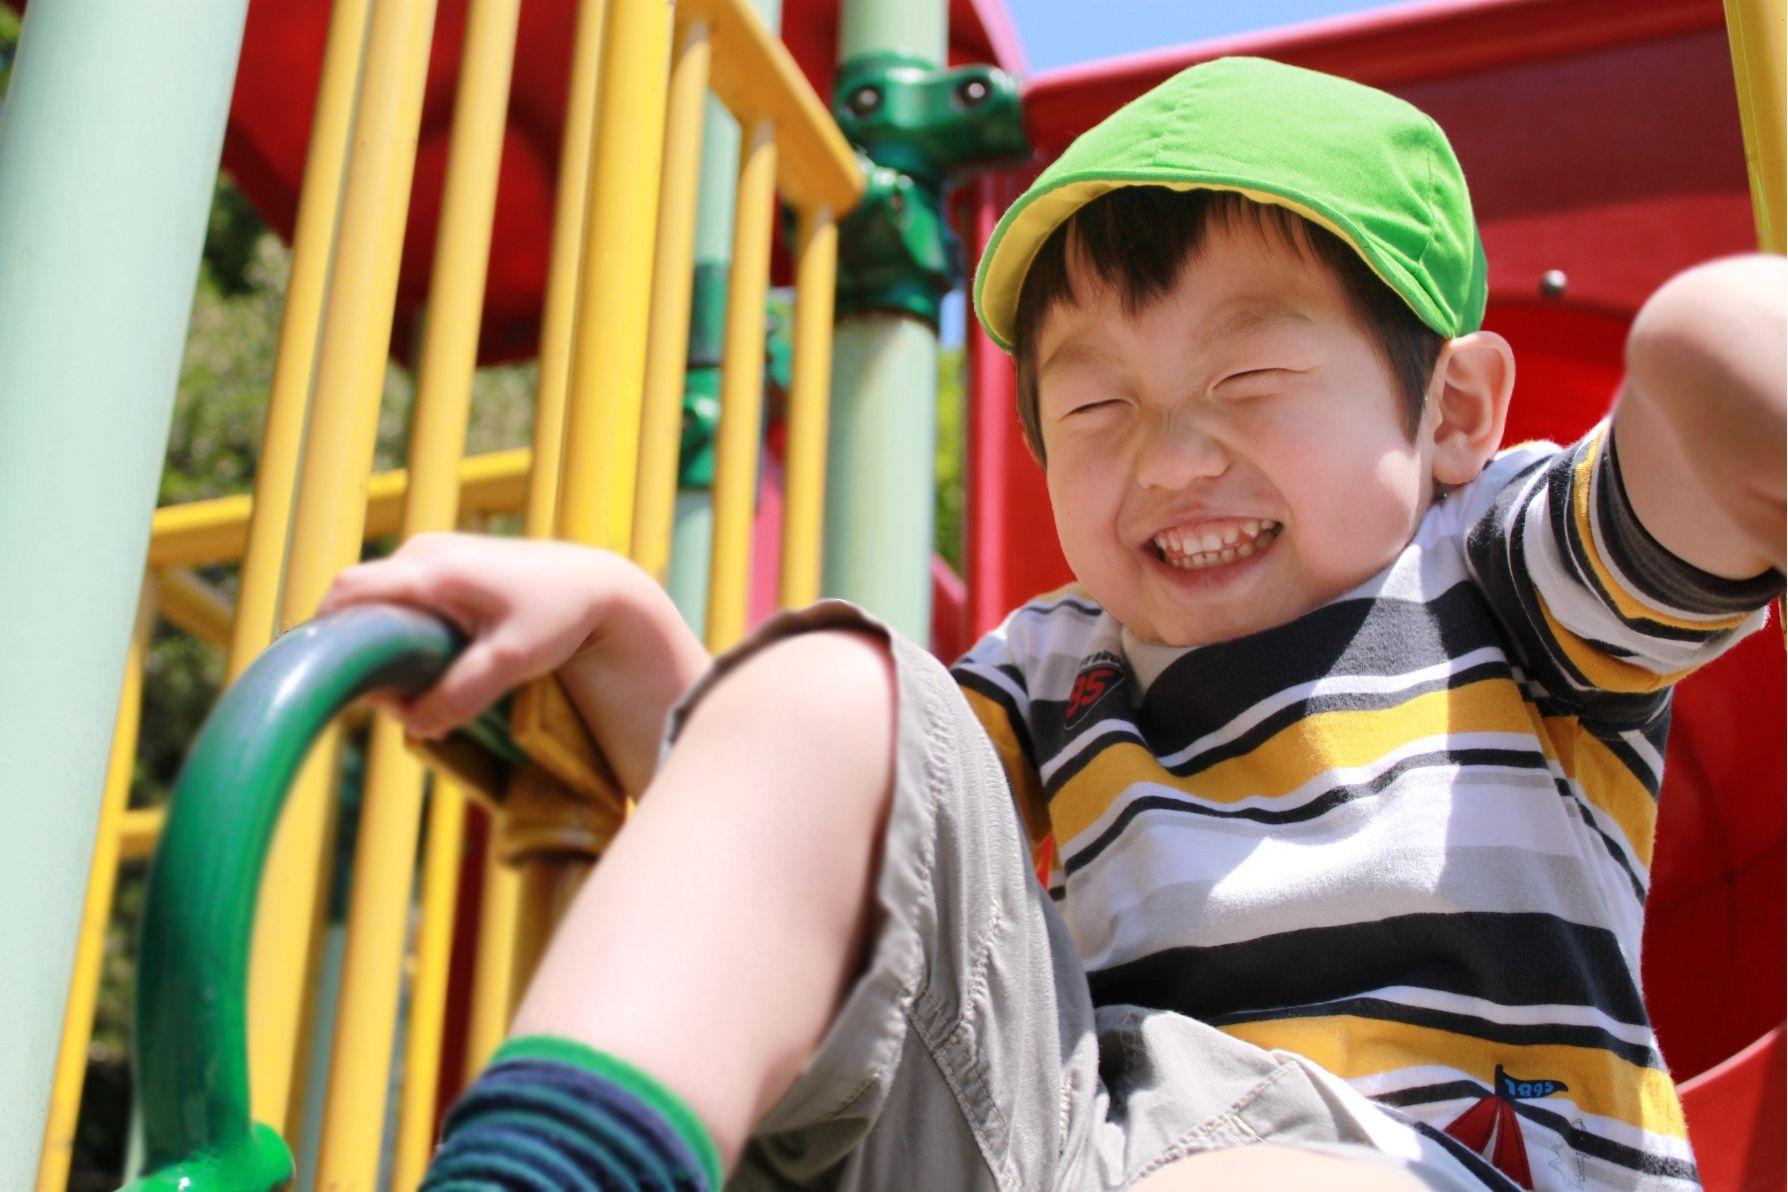 【2018年4月開園予定】天然木の優しいぬくもりある保育園!子ども達の笑顔に囲まれながらお仕事しませんか?